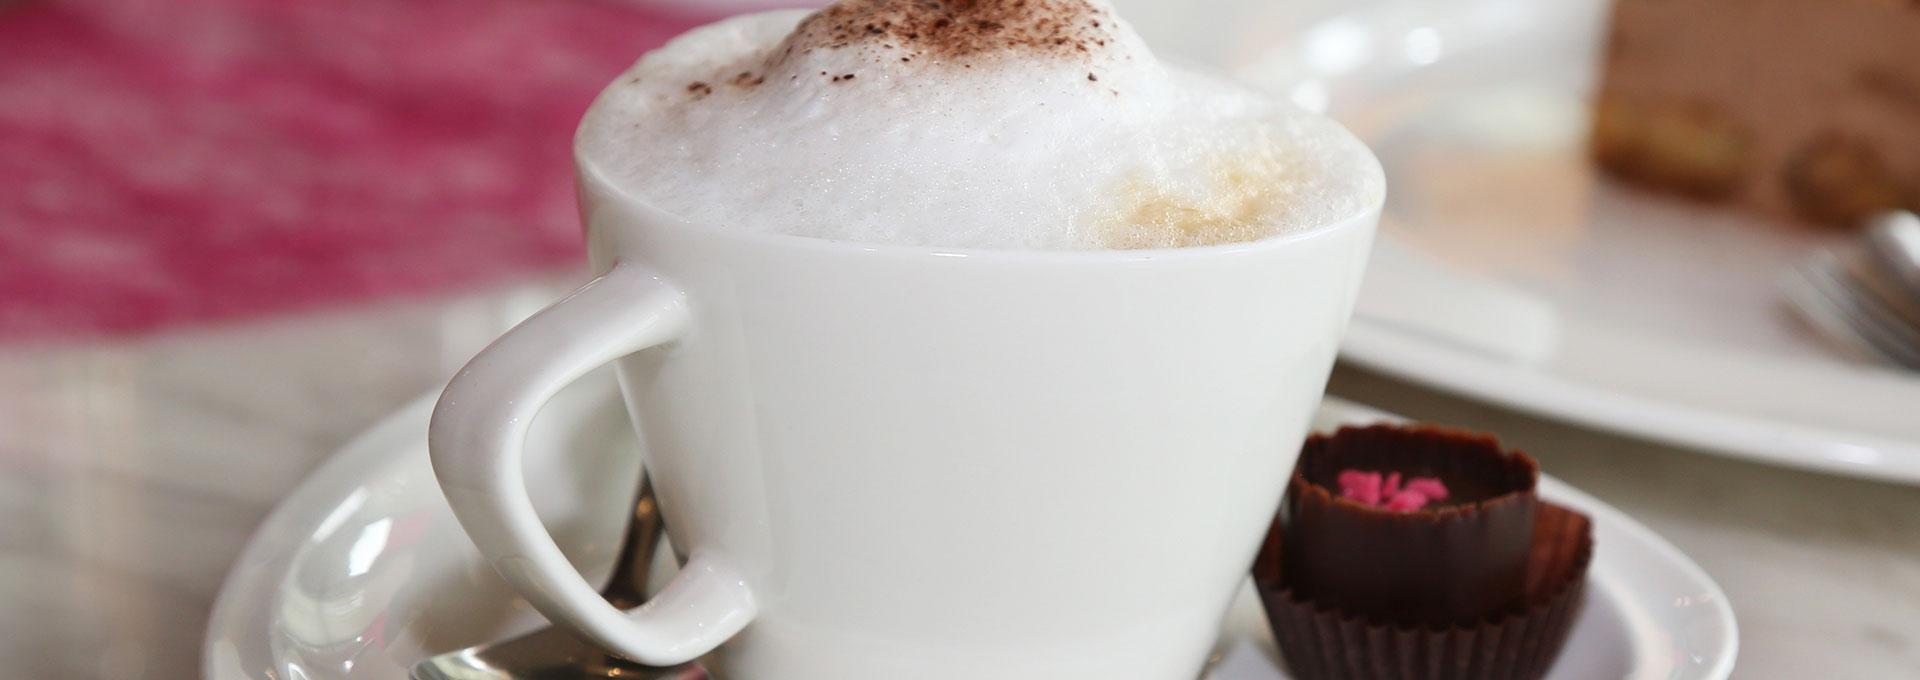 Kaffee aus dem Restaurant der Viba Erlebnis-Confiserie Dresden